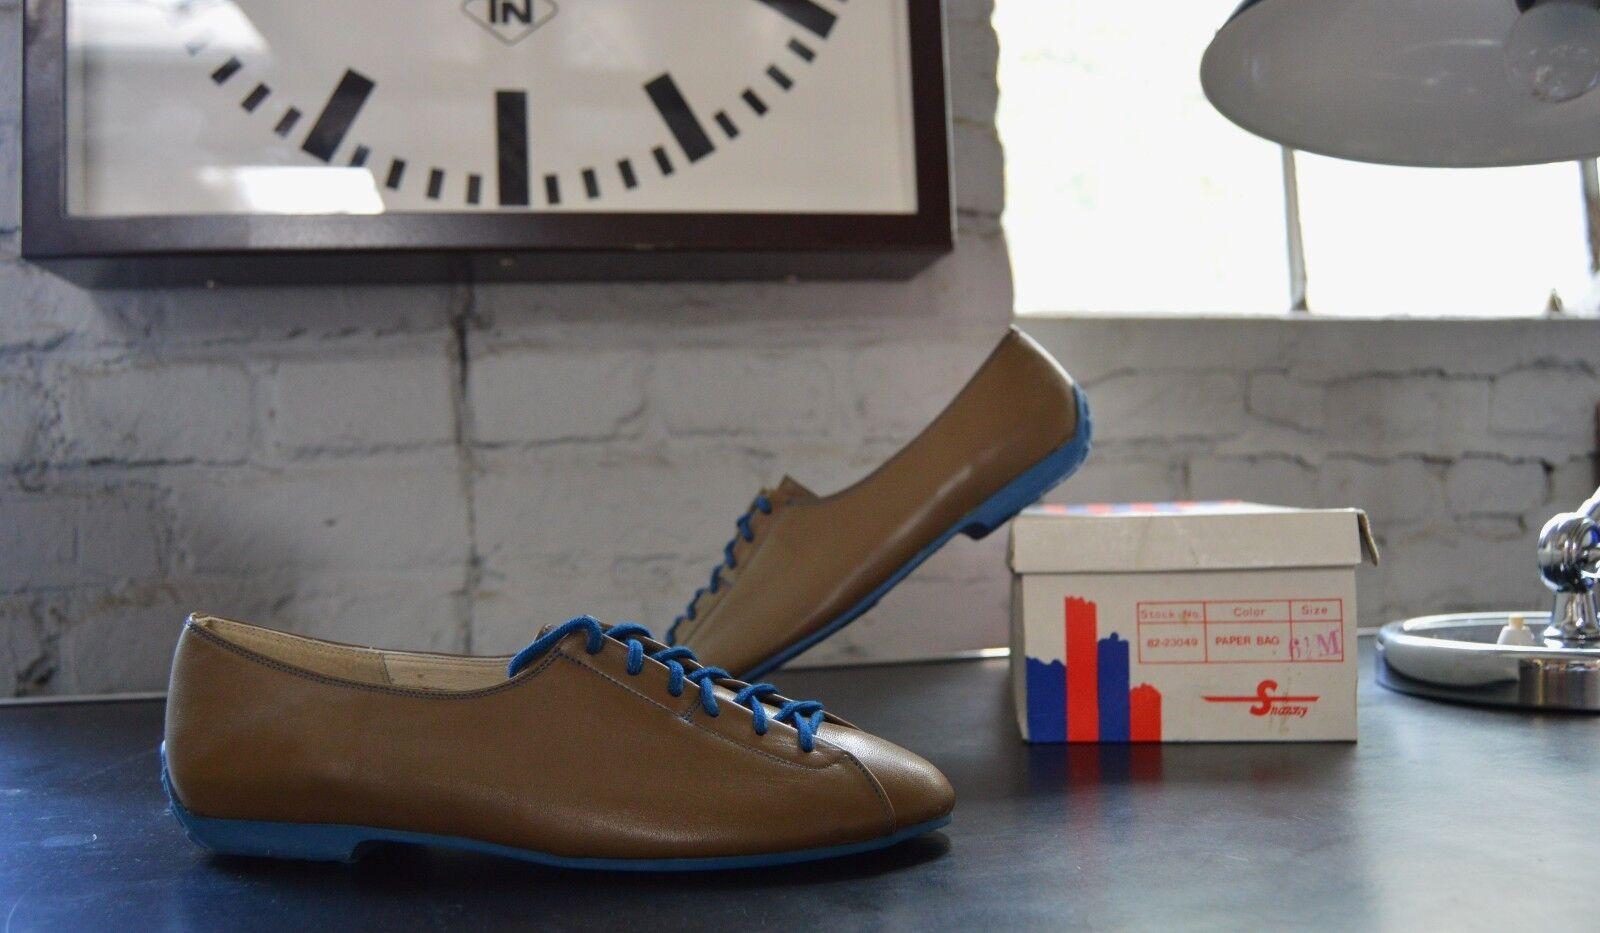 Snazzy zapato bajo casual plano bailarina nos 90er True vintage 90s